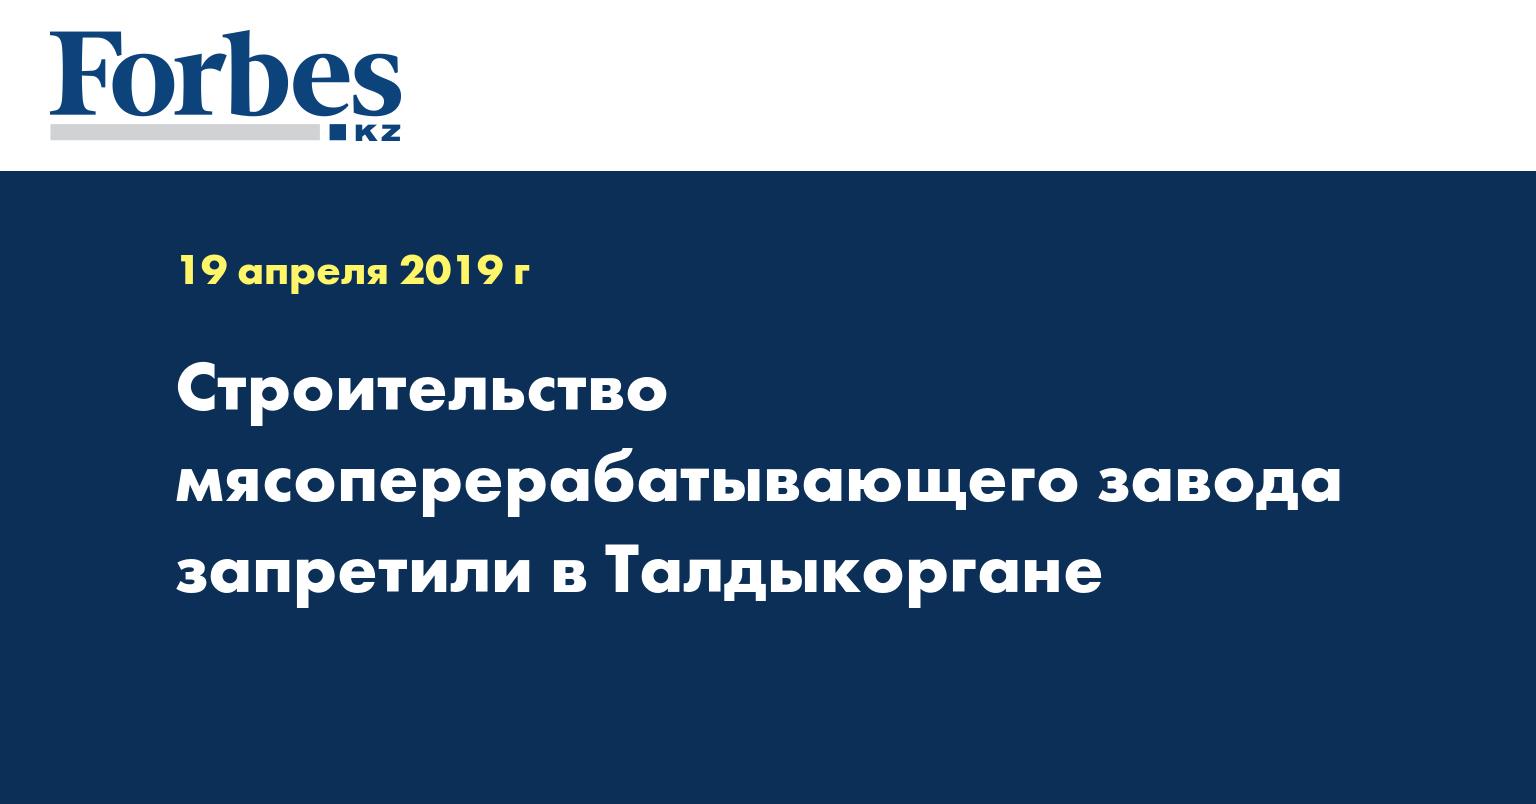 Строительство мясоперерабатывающего завода запретили в Талдыкоргане